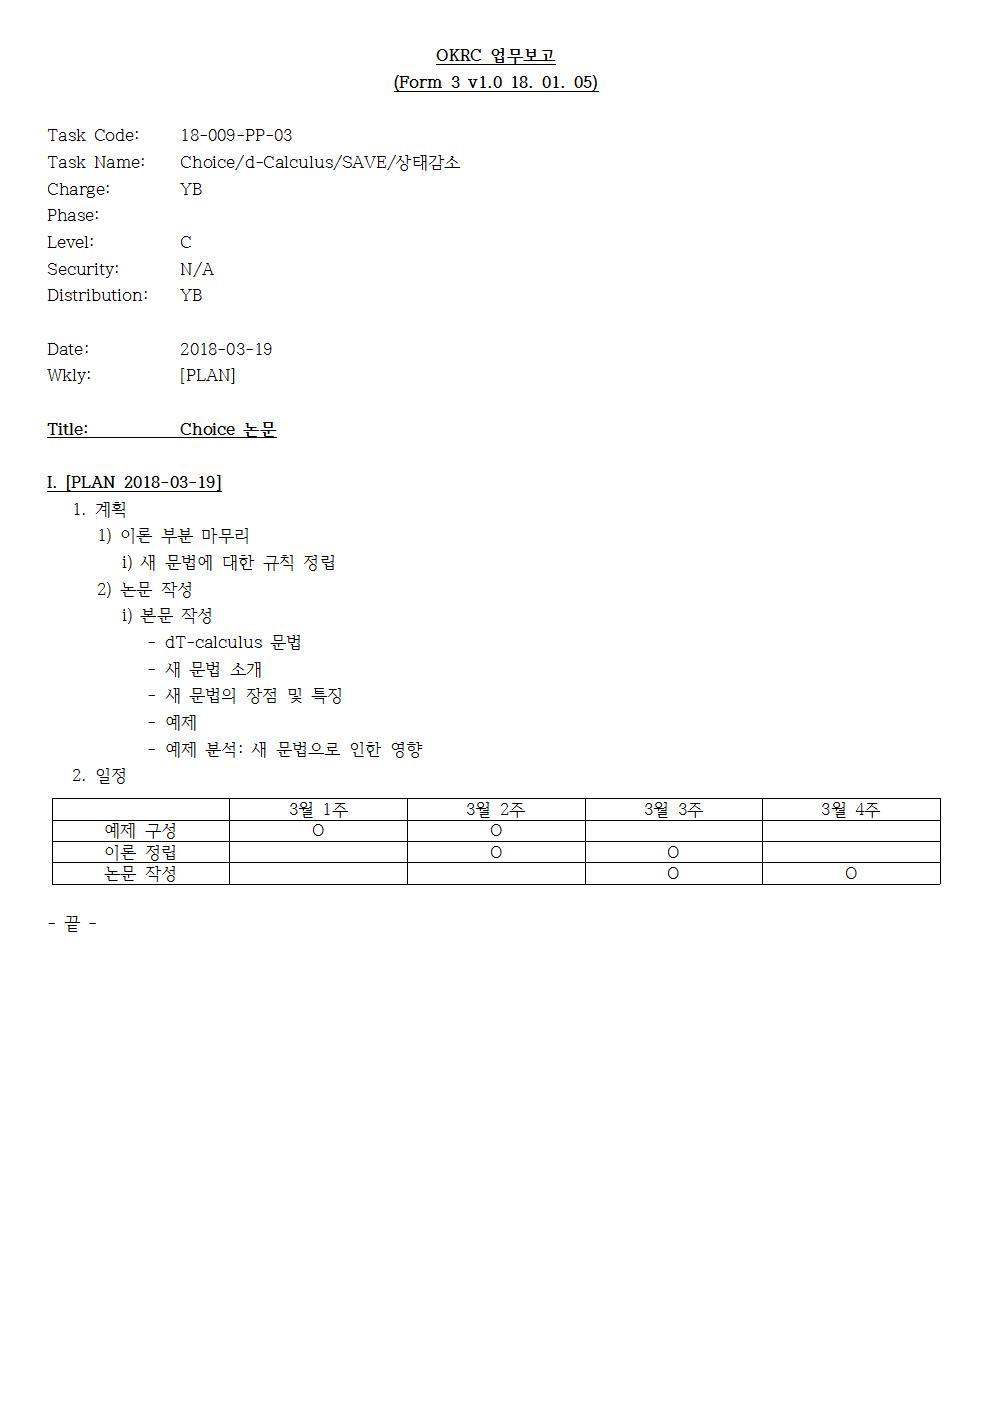 D-[18-009-PP-03]-[Choice]-[2018-03-19][YB]001.jpg